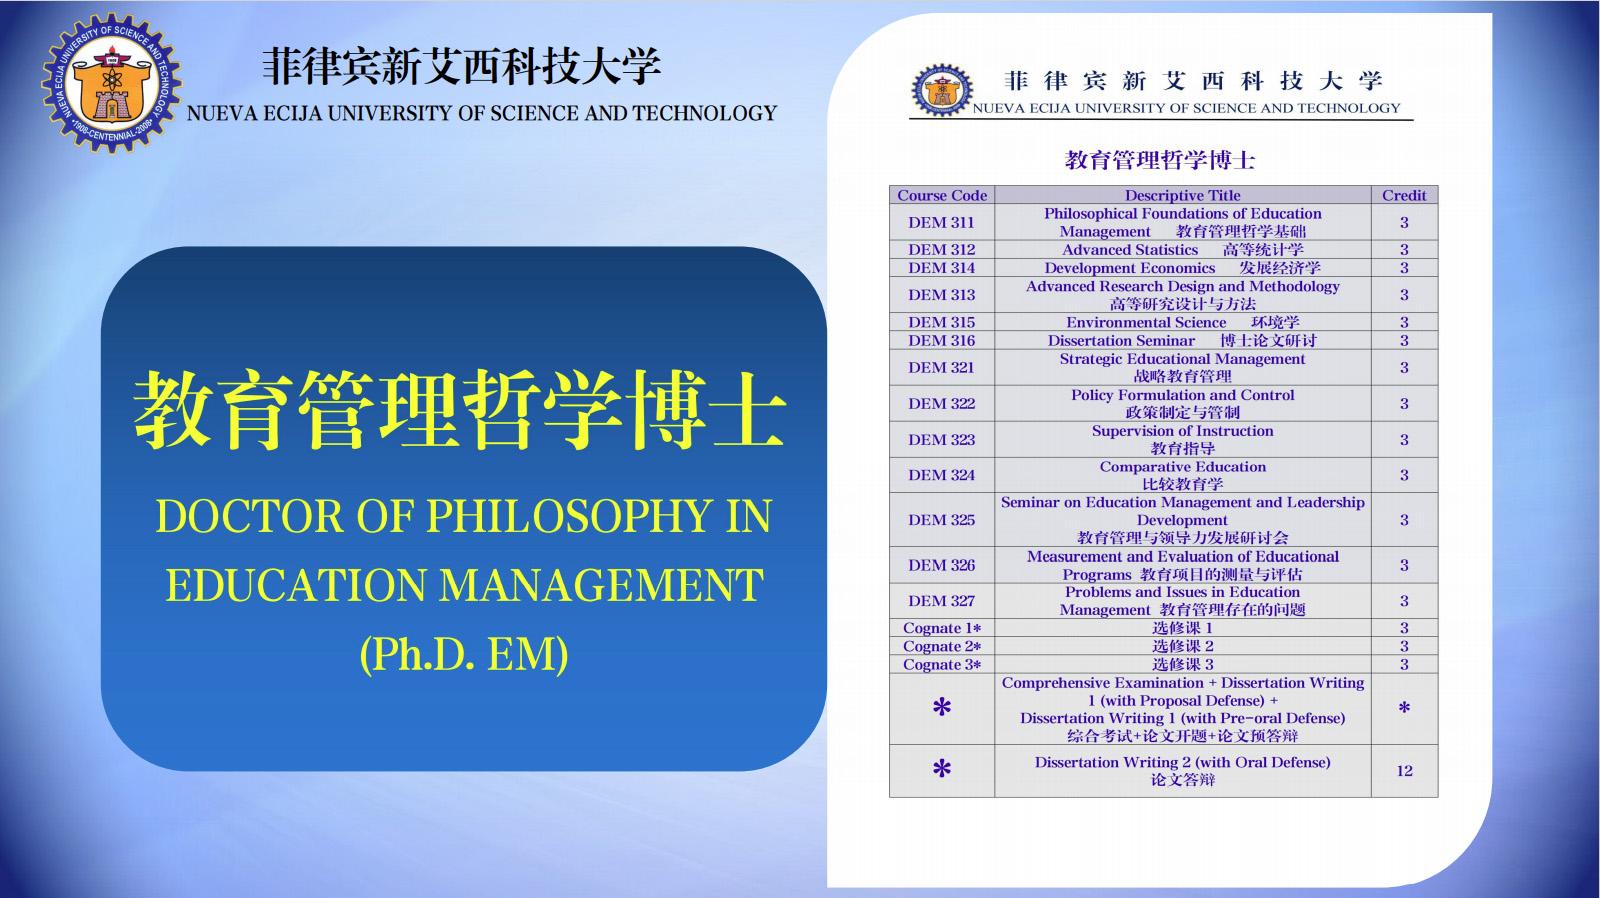 菲律宾新艾西科技大学-教育管理博士